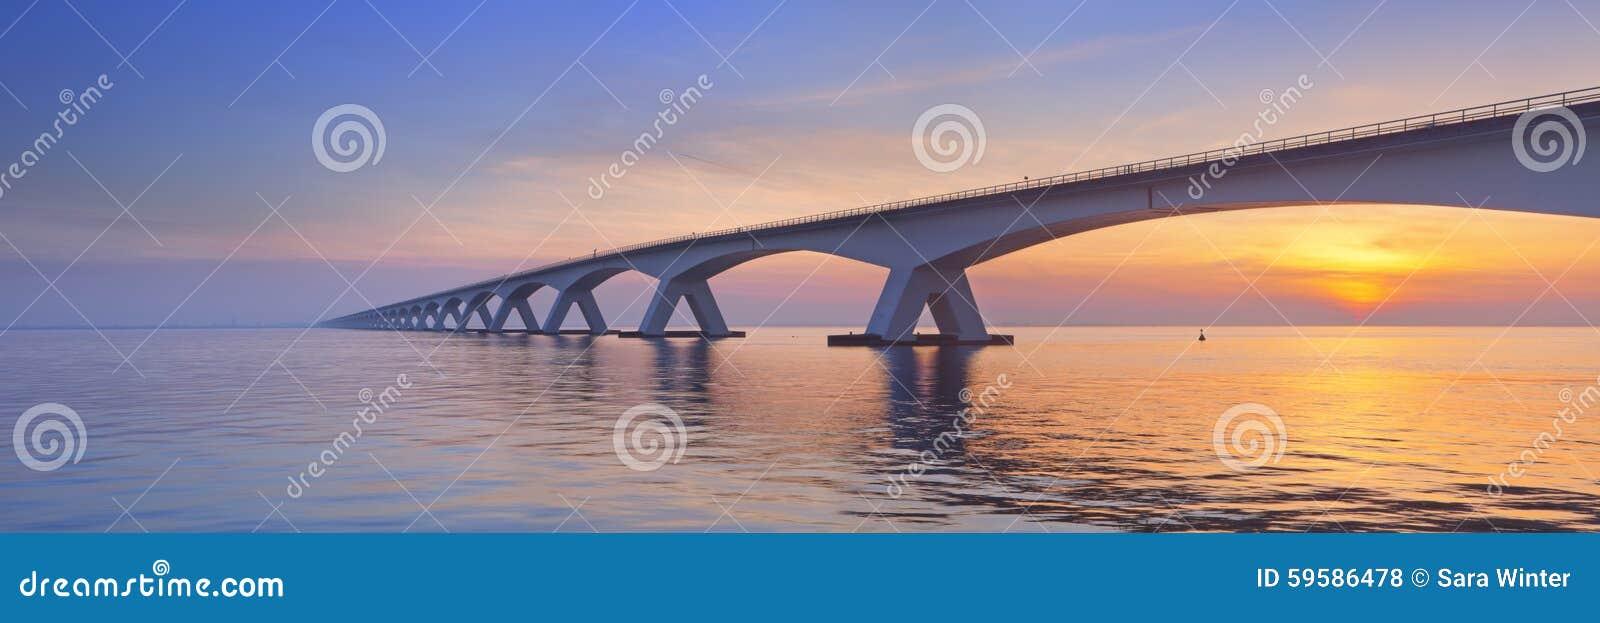 Le pont de Zélande en Zélande, Pays-Bas au lever de soleil